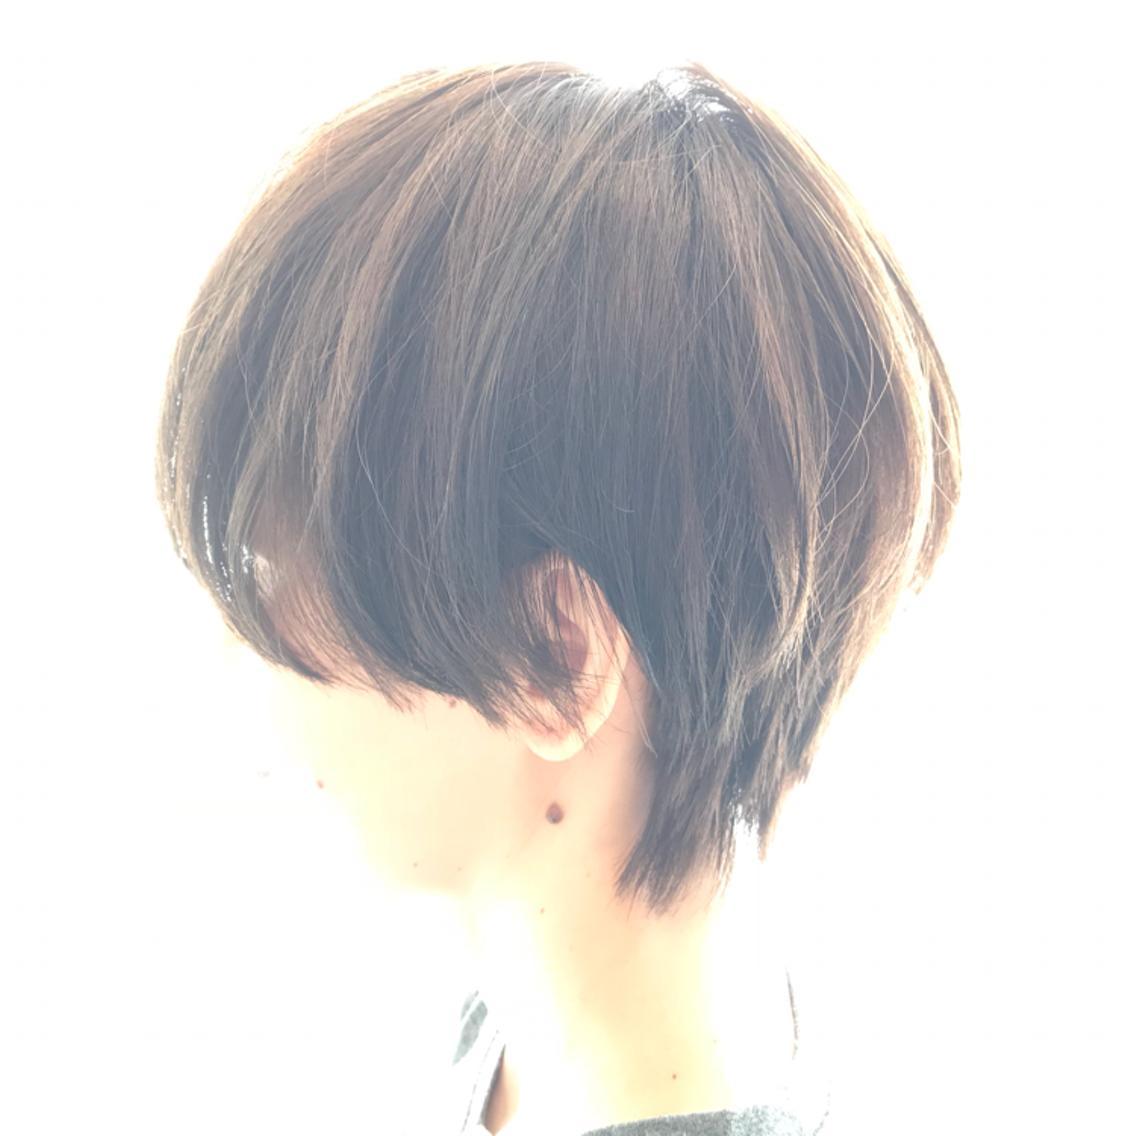 AMAZING HAIR 美沢店所属・藤田 尚美の掲載